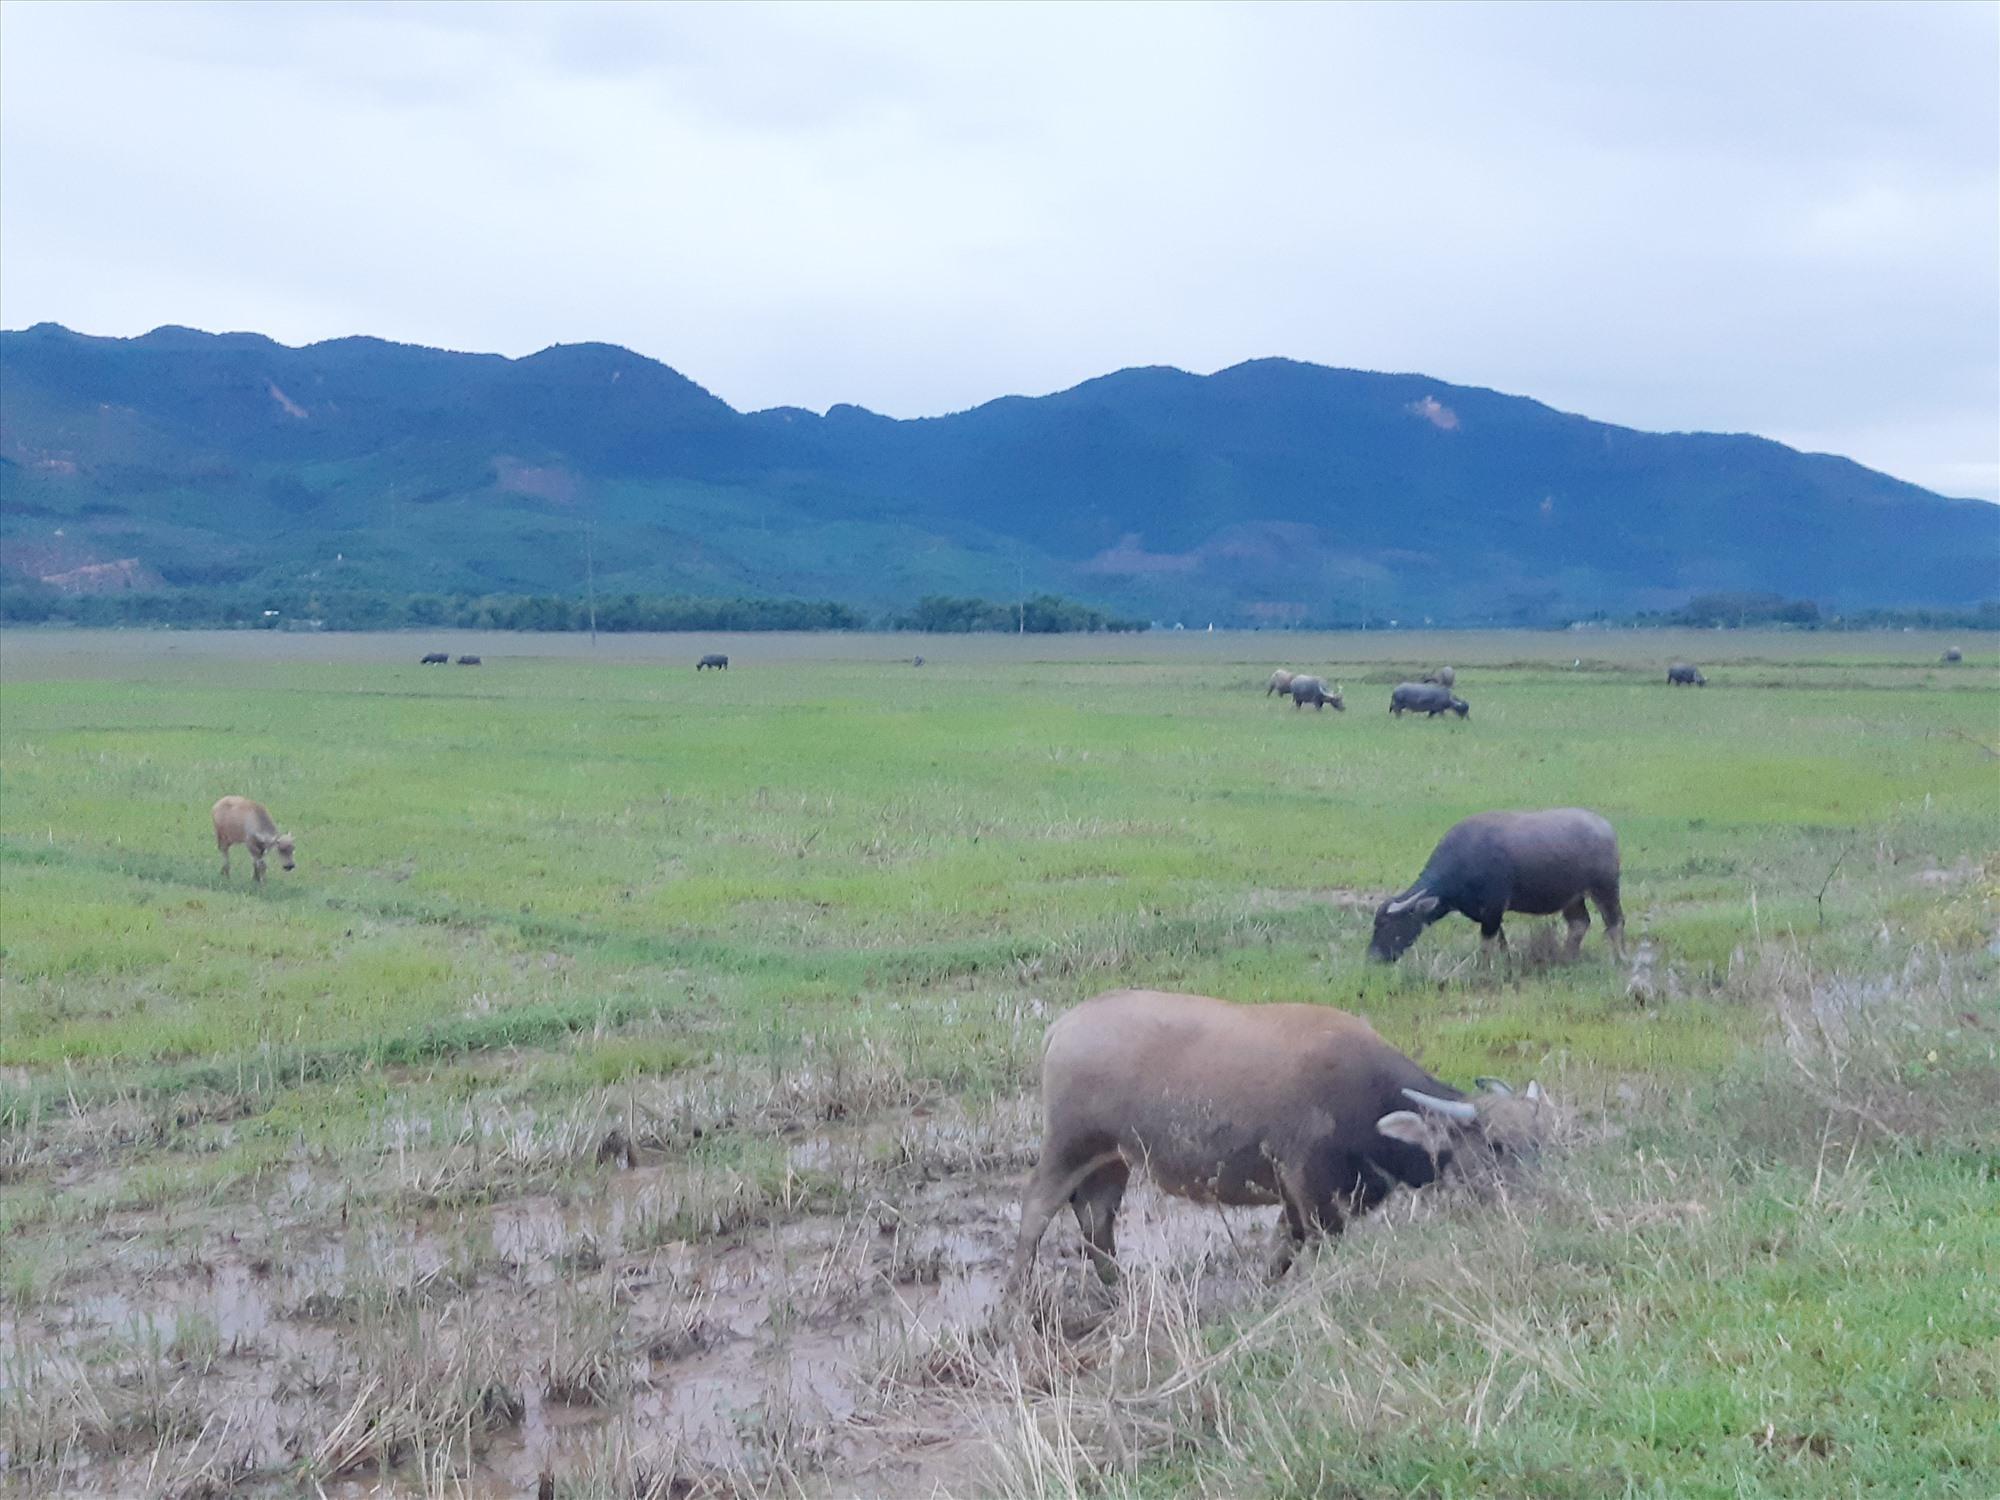 Việc thả rông đàn gia súc trong thời điểm dịch bệnh diễn biến phức tạp là một nguyên nhân khiến dịch bệnh lây lan. Ảnh: T.N